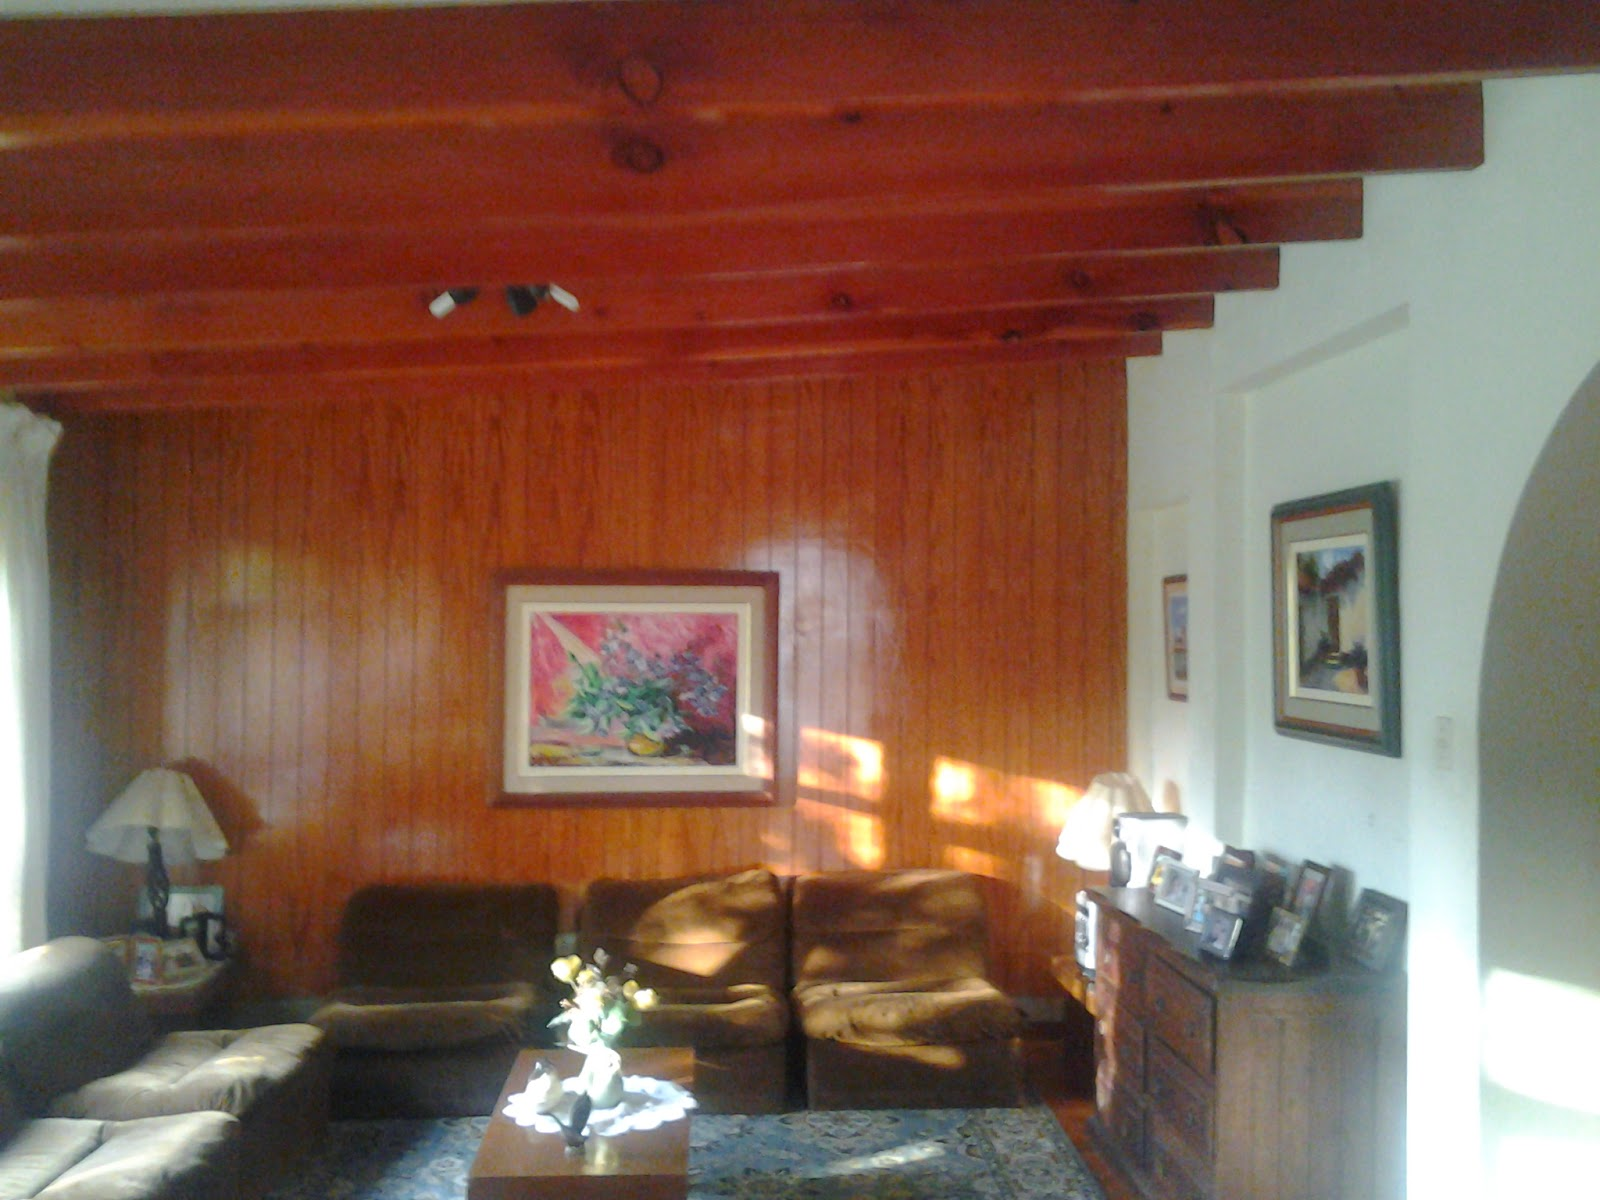 Muebles y decoraci n de interiores decoraci n de los Decoracion de interiores a distancia